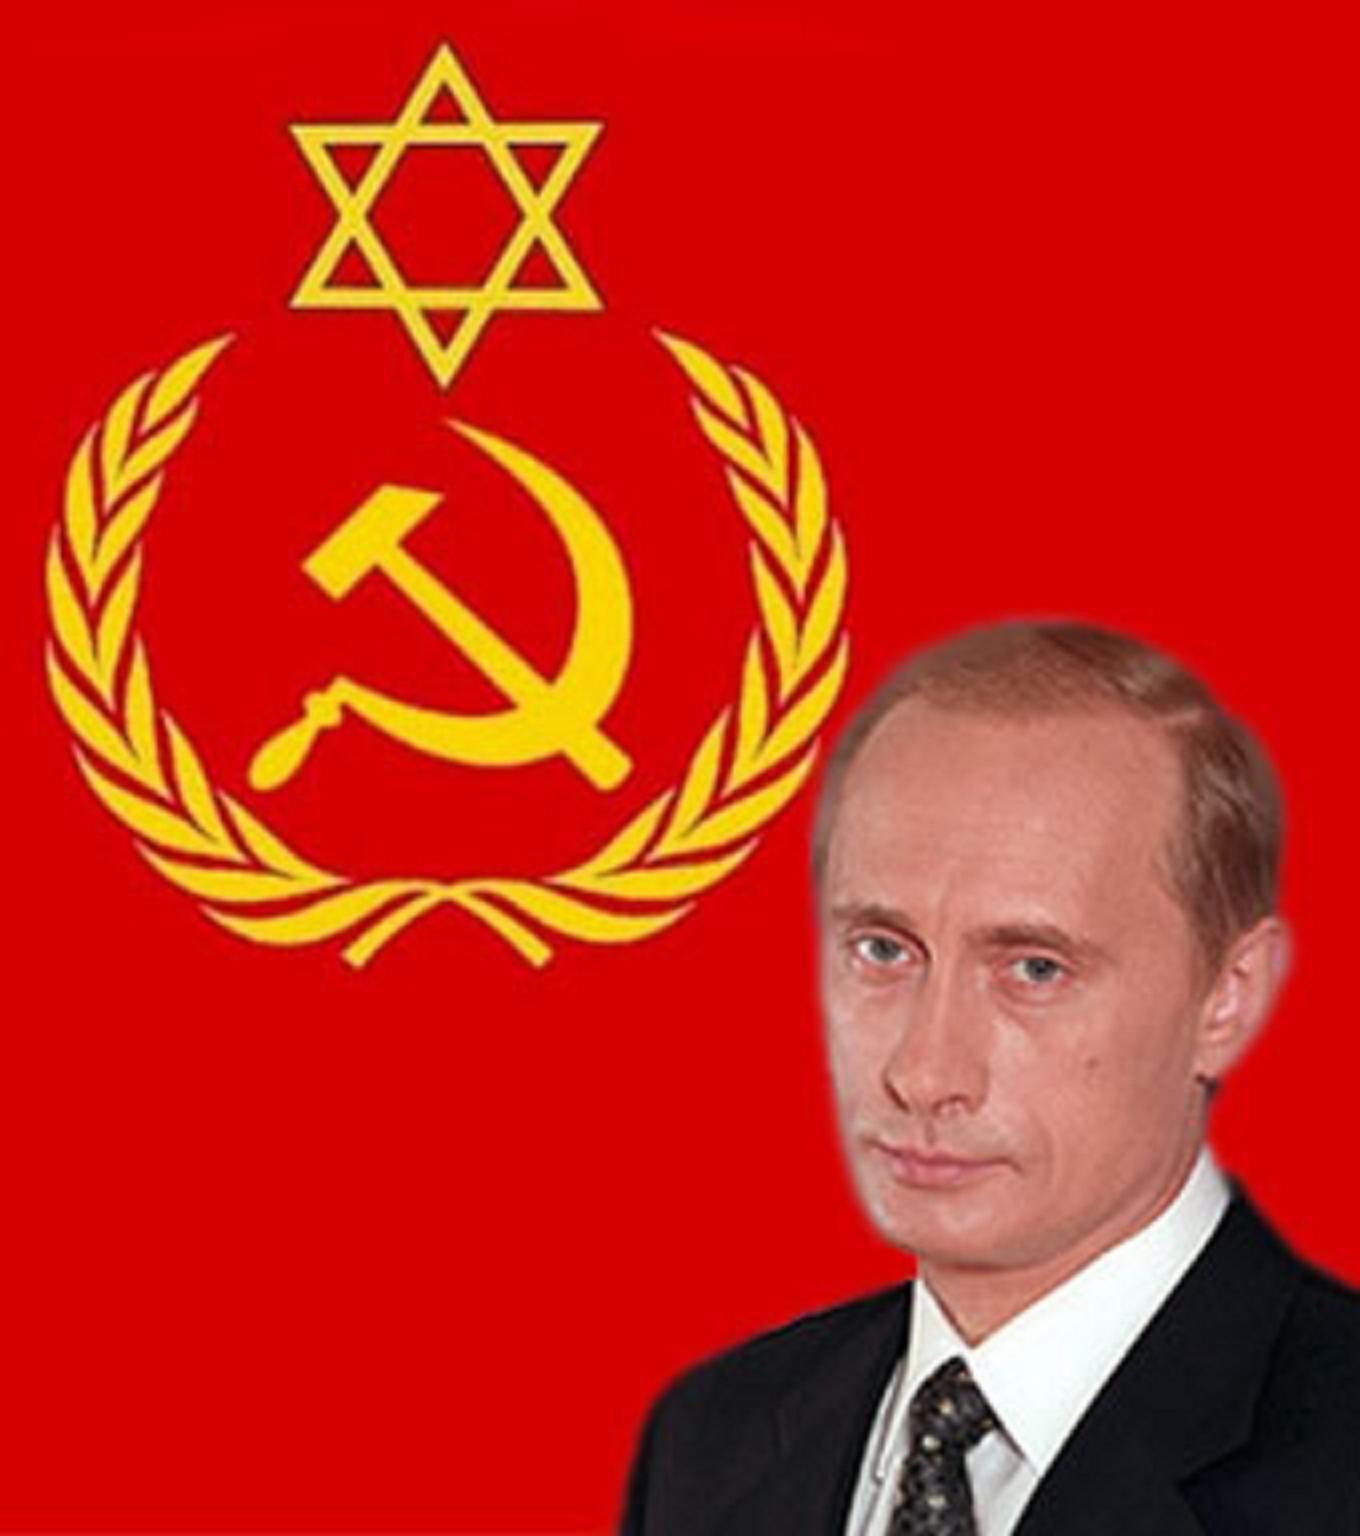 Τώρα ἀνεκάλυψε ὁ Πούτιν τοὺς Ἑβραίους τῆς Σοβιετικῆς Ἐνώσεως.1